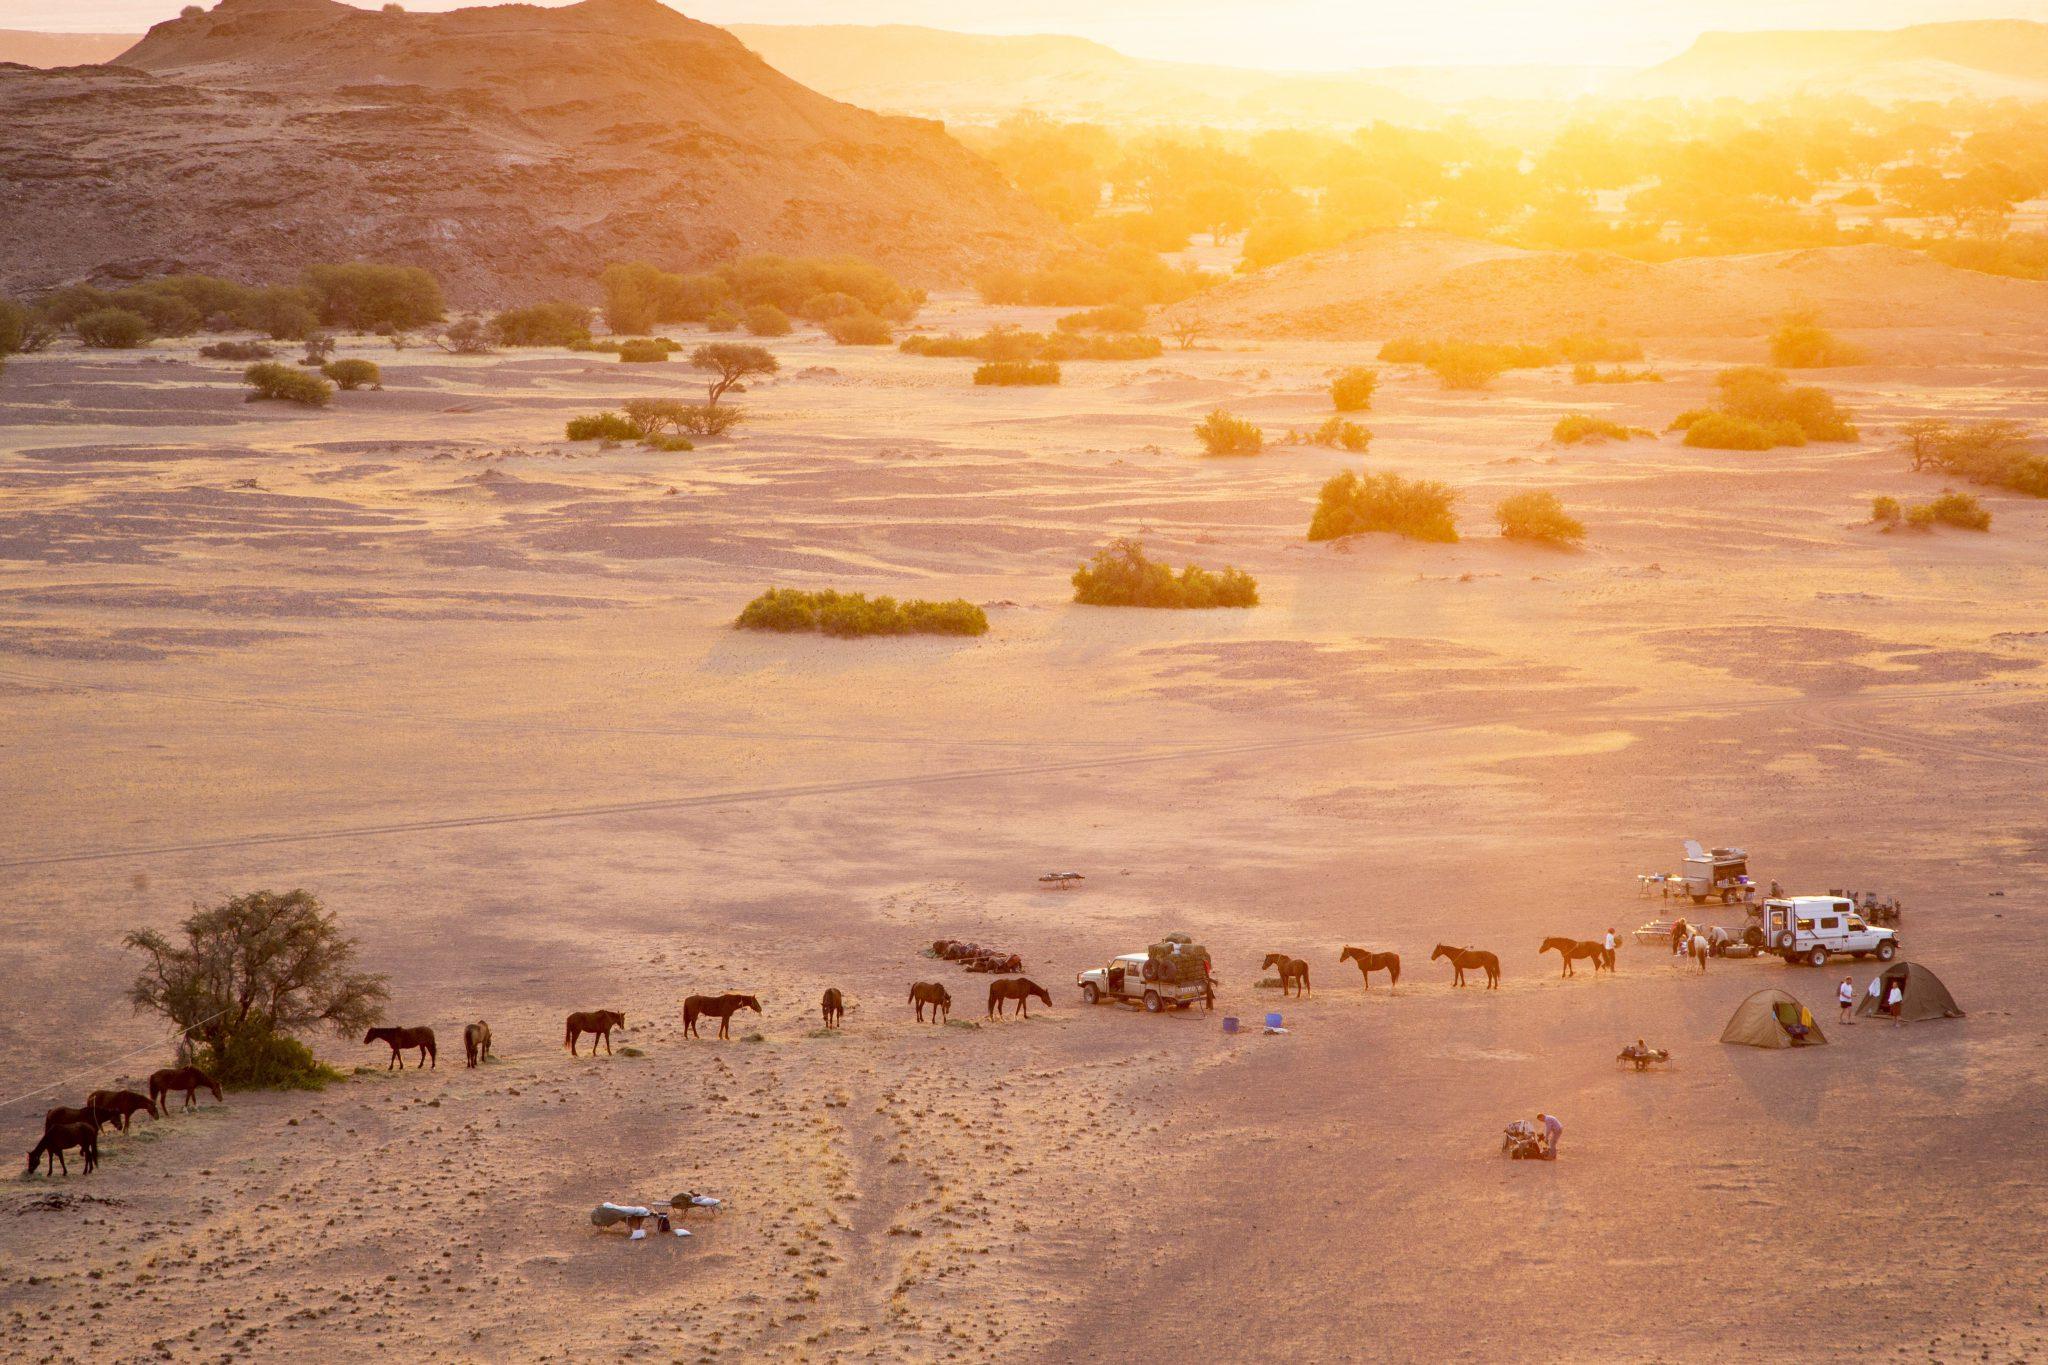 Paarden in de woestijn bij zonsondergang